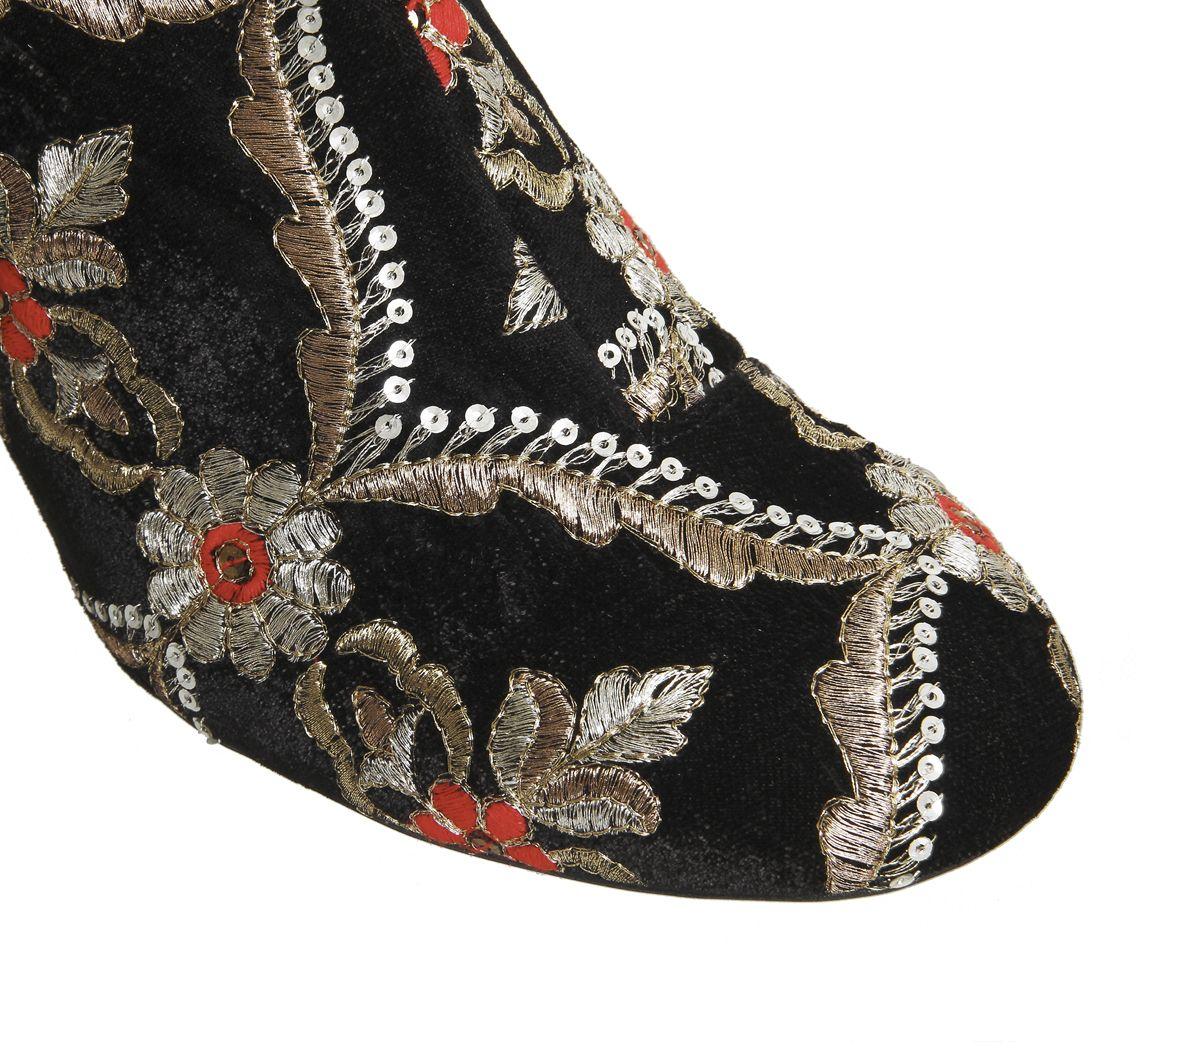 office applause block heel boots black velvet brocade